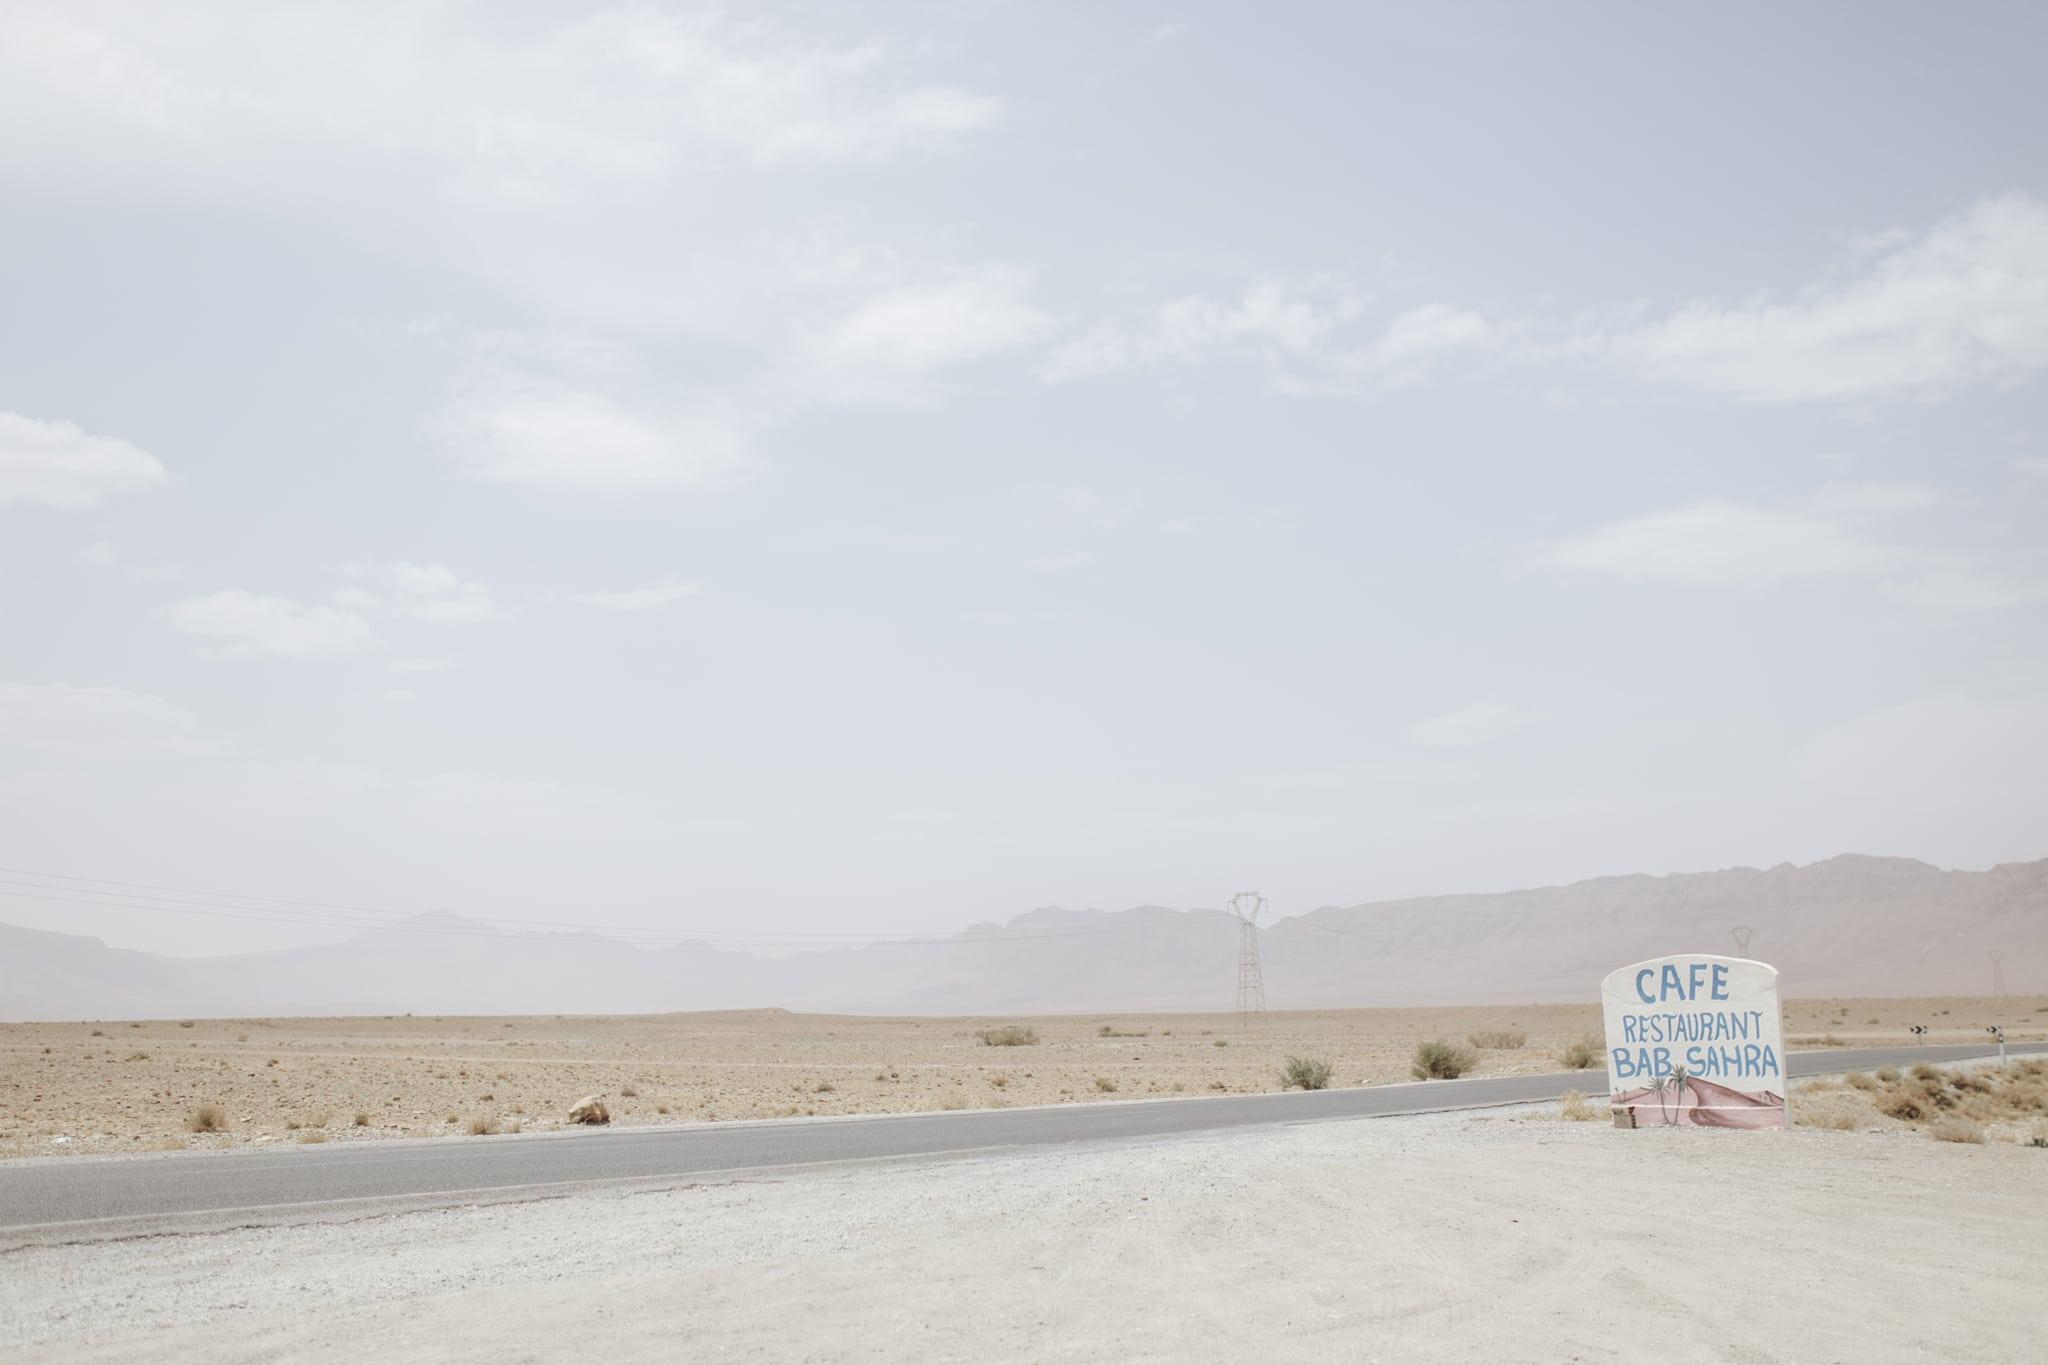 Bab Sahra Errachidia on the way to Erg Chebbi